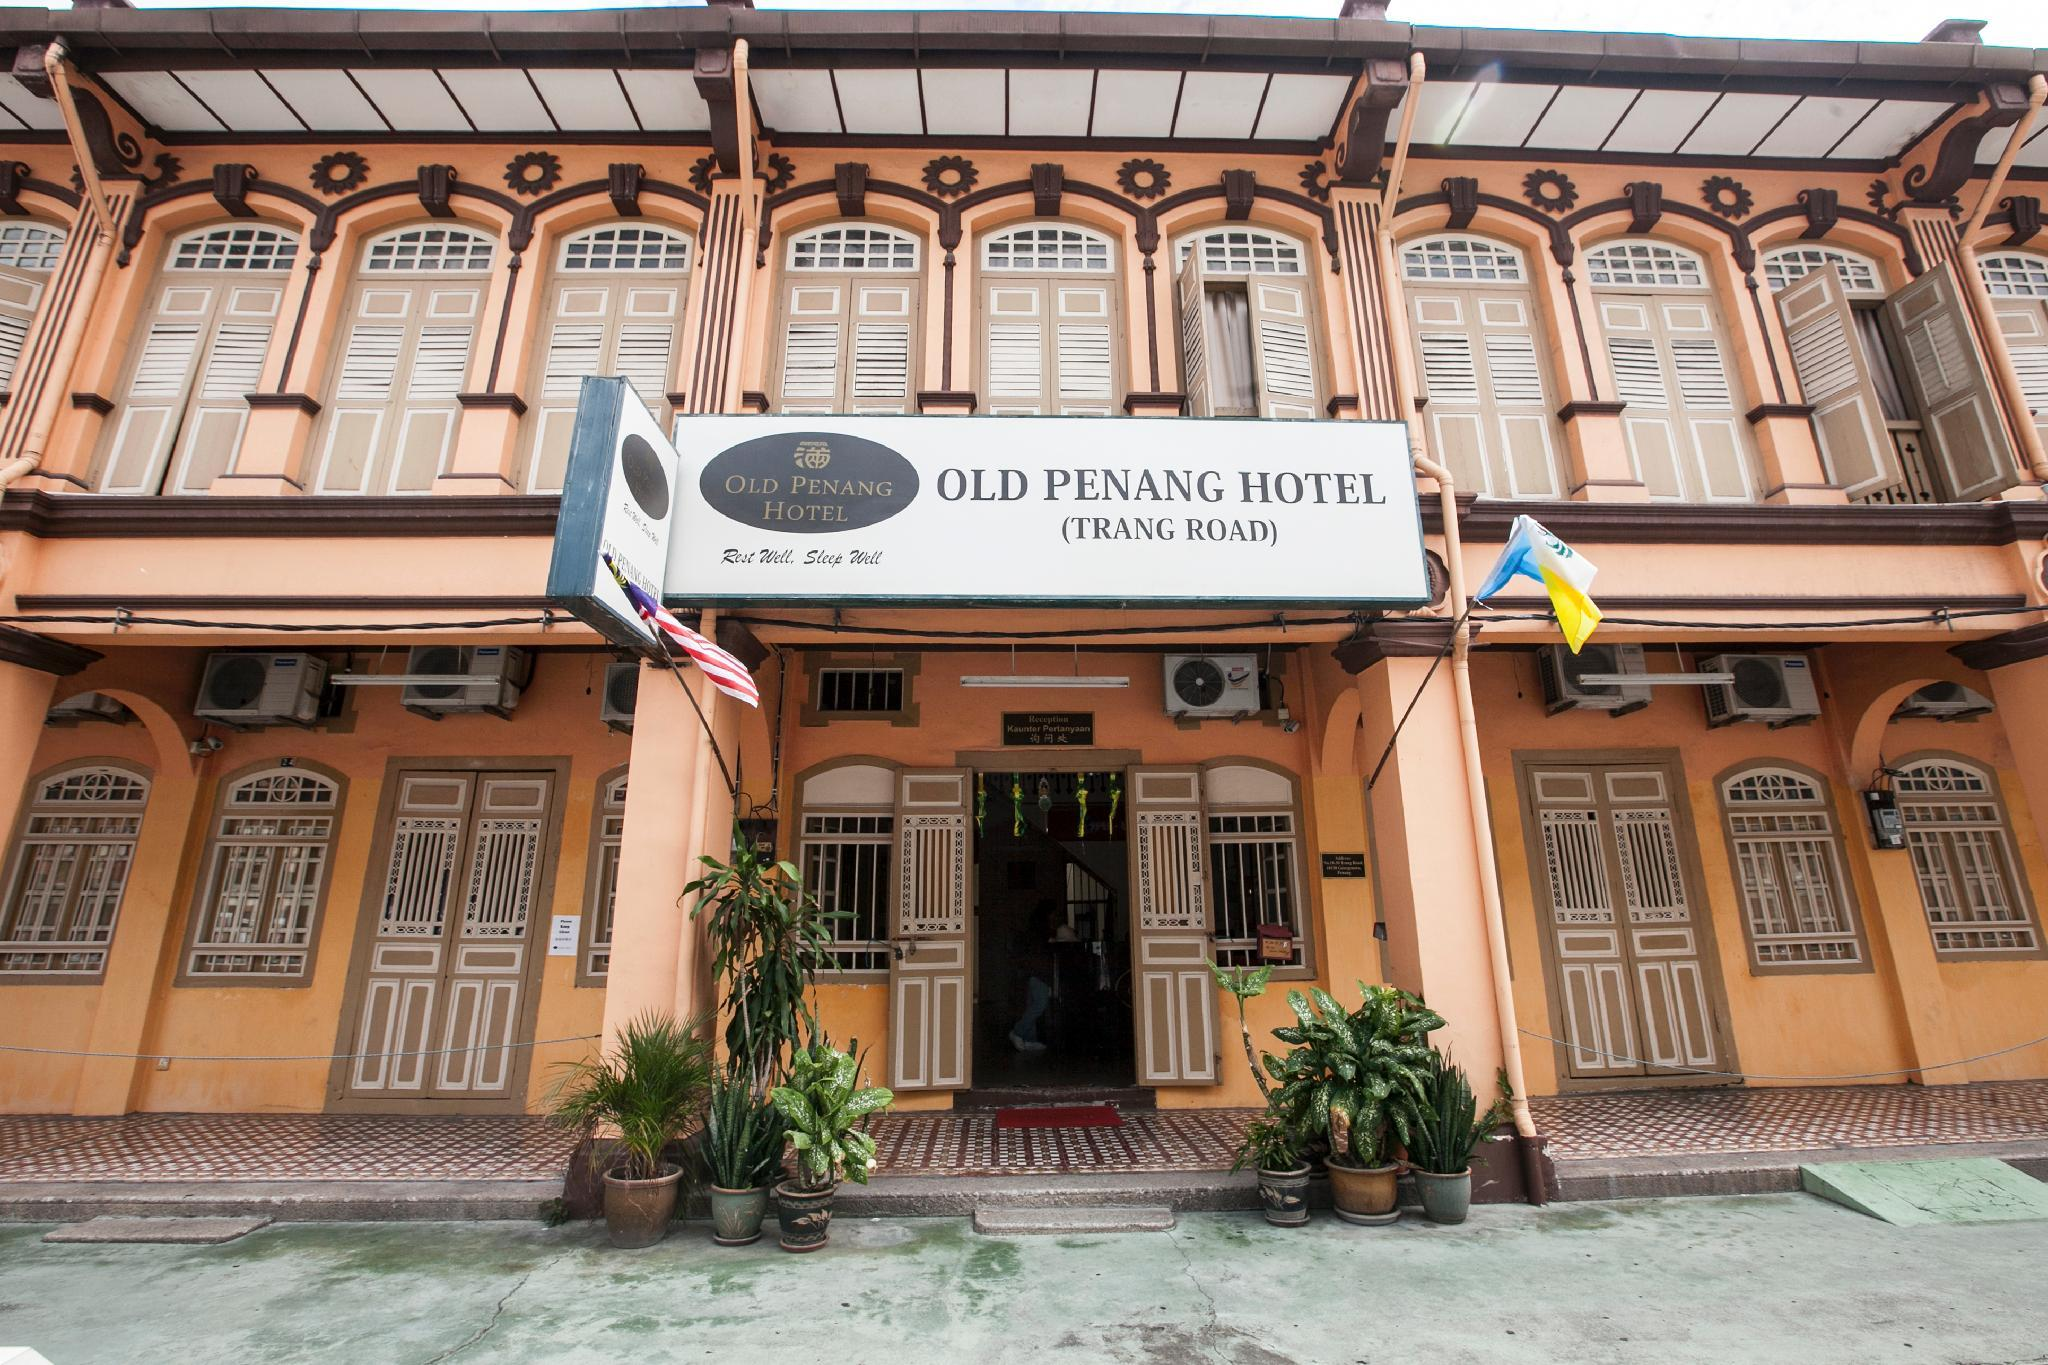 Old Penang Hotel (Trang Road), Penang Island